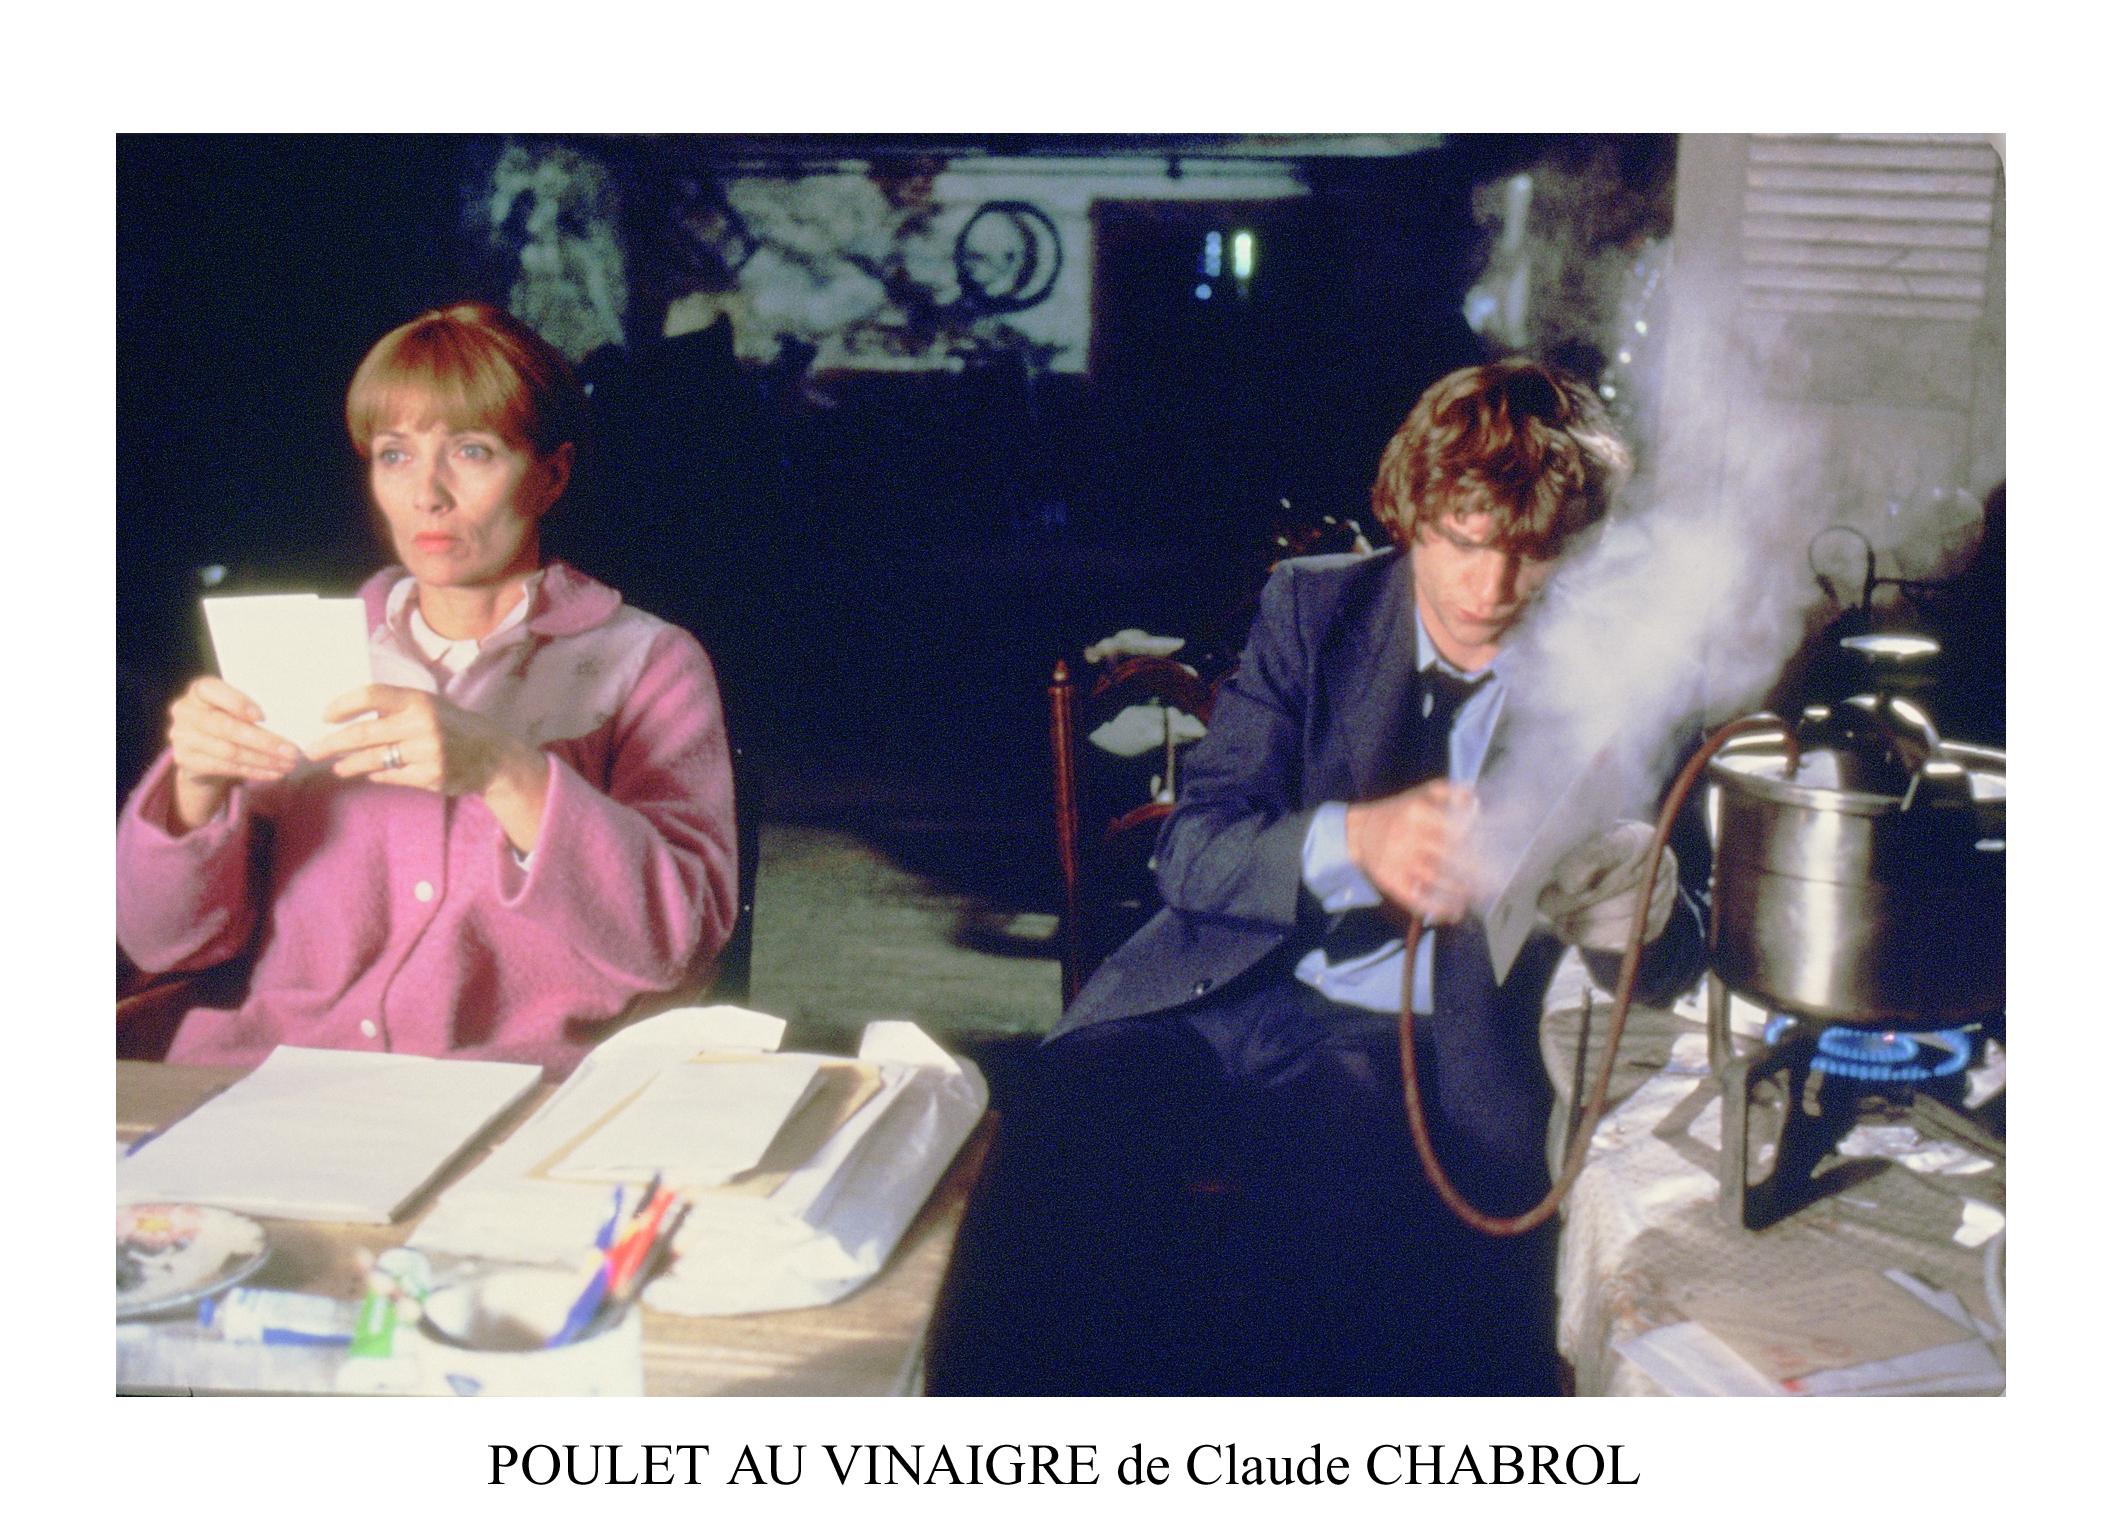 POULET AU VINAIGRE - mk2 Films